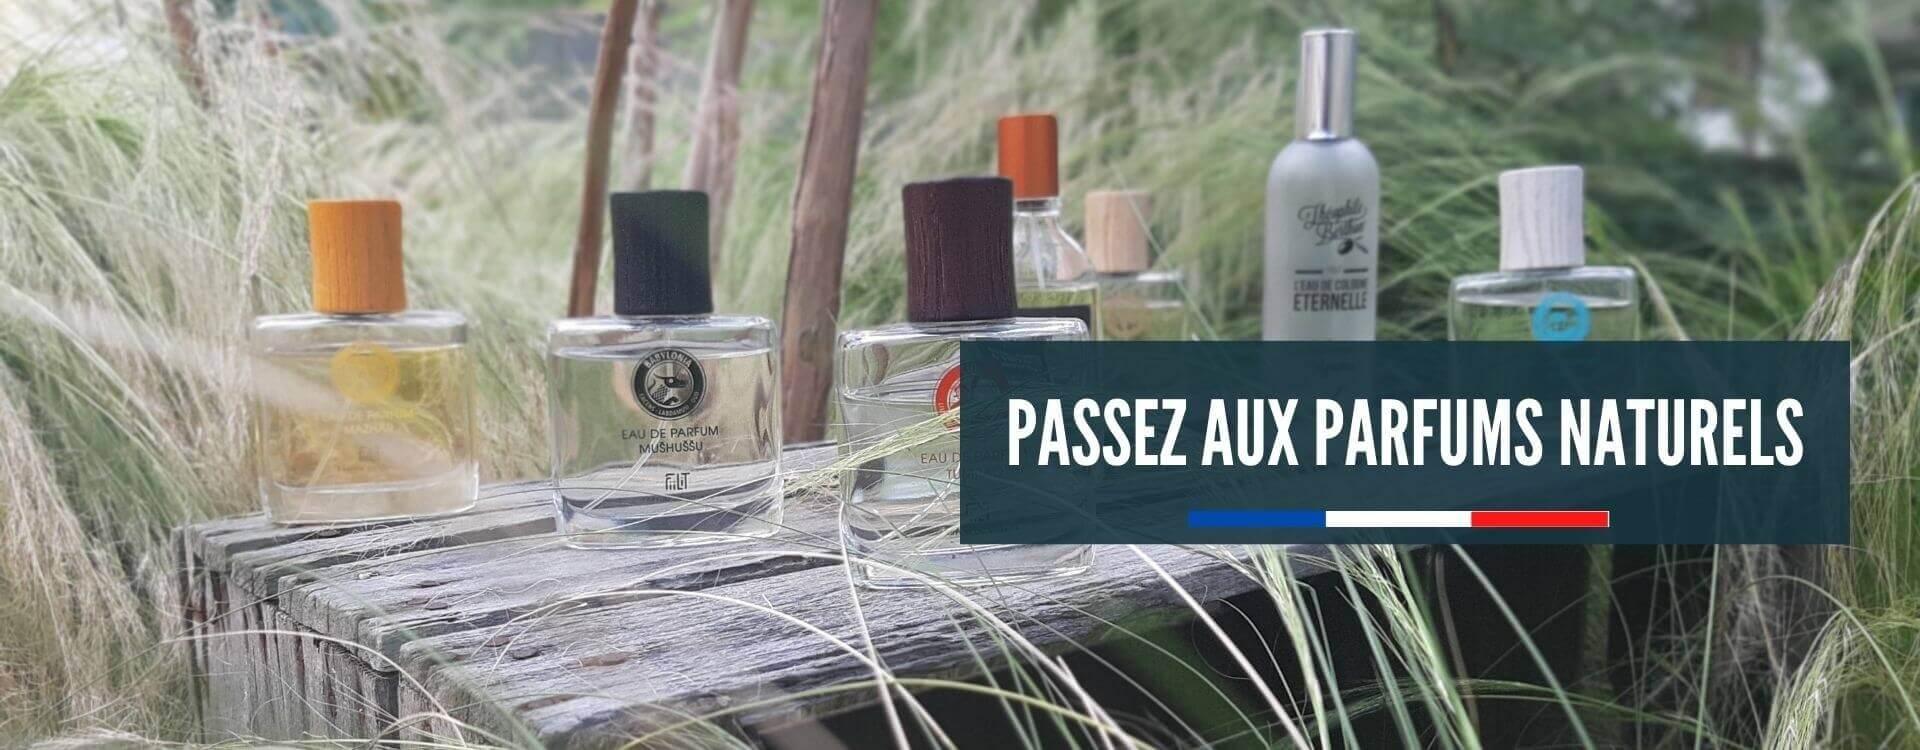 Parfums naturels fabriqués en France